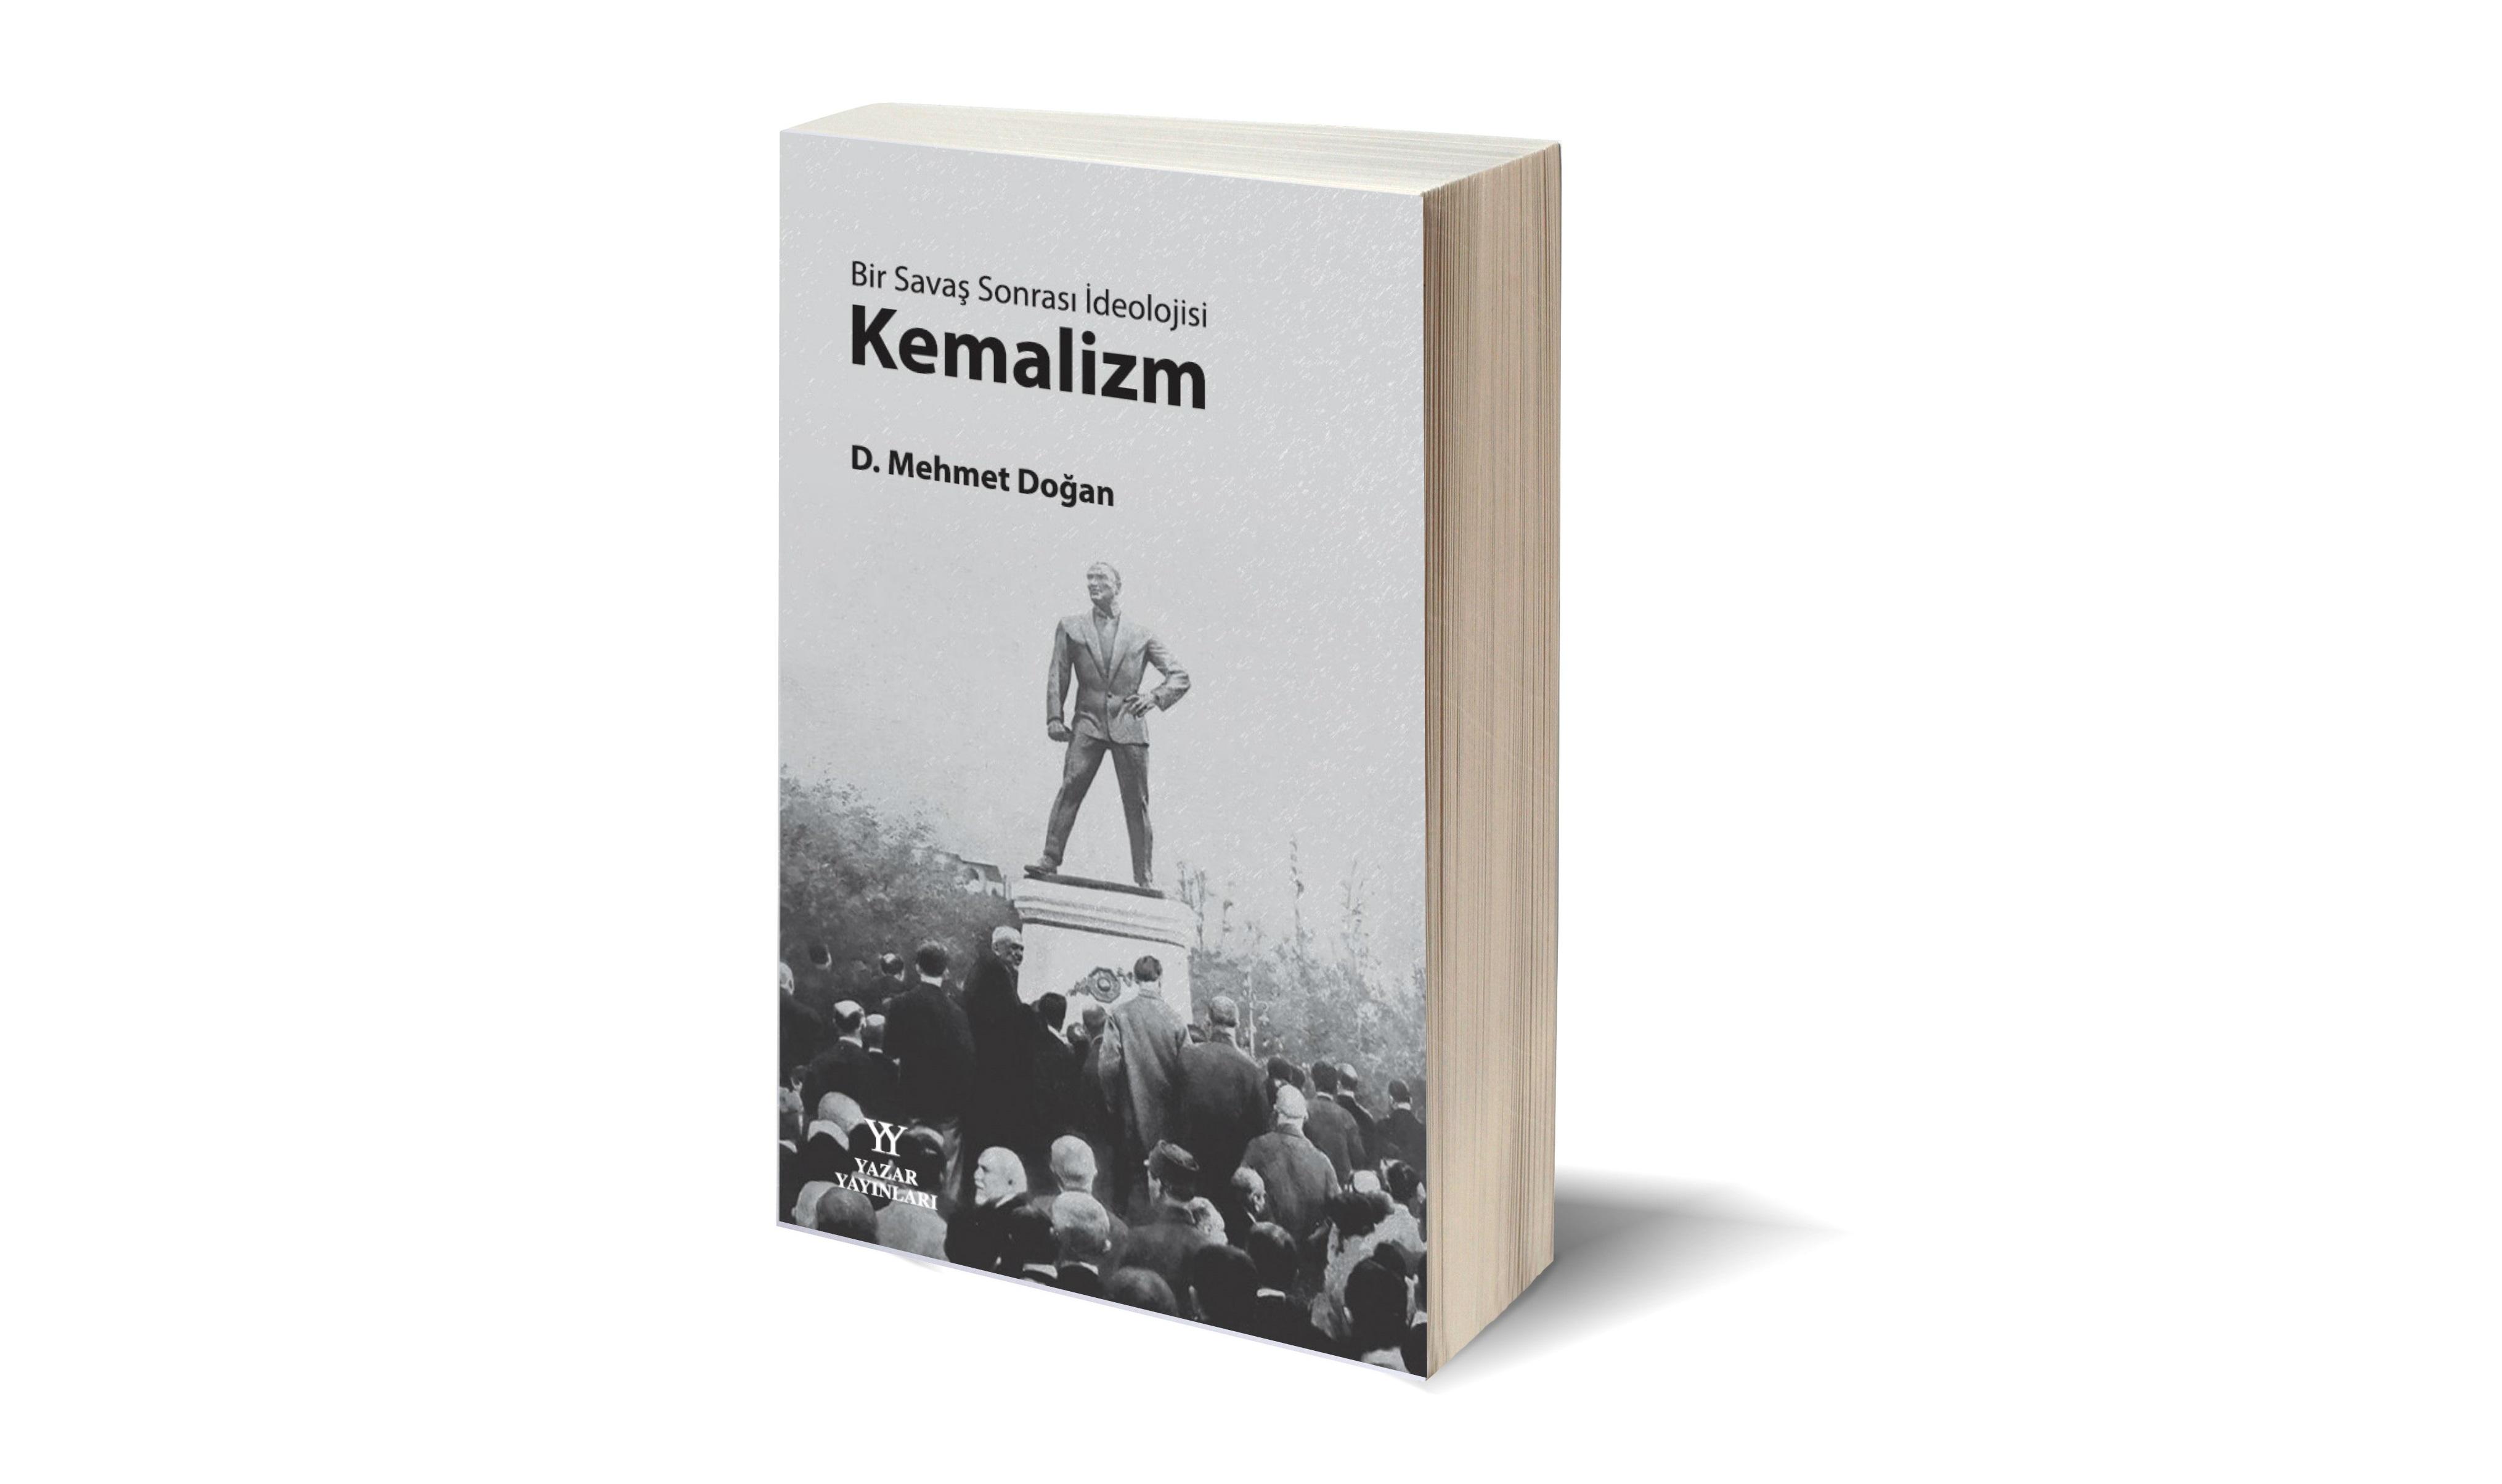 D. Mehmet Doğan'dan yeni kitap: Bir Savaş Sonrası İdeolojisi Kemalizm